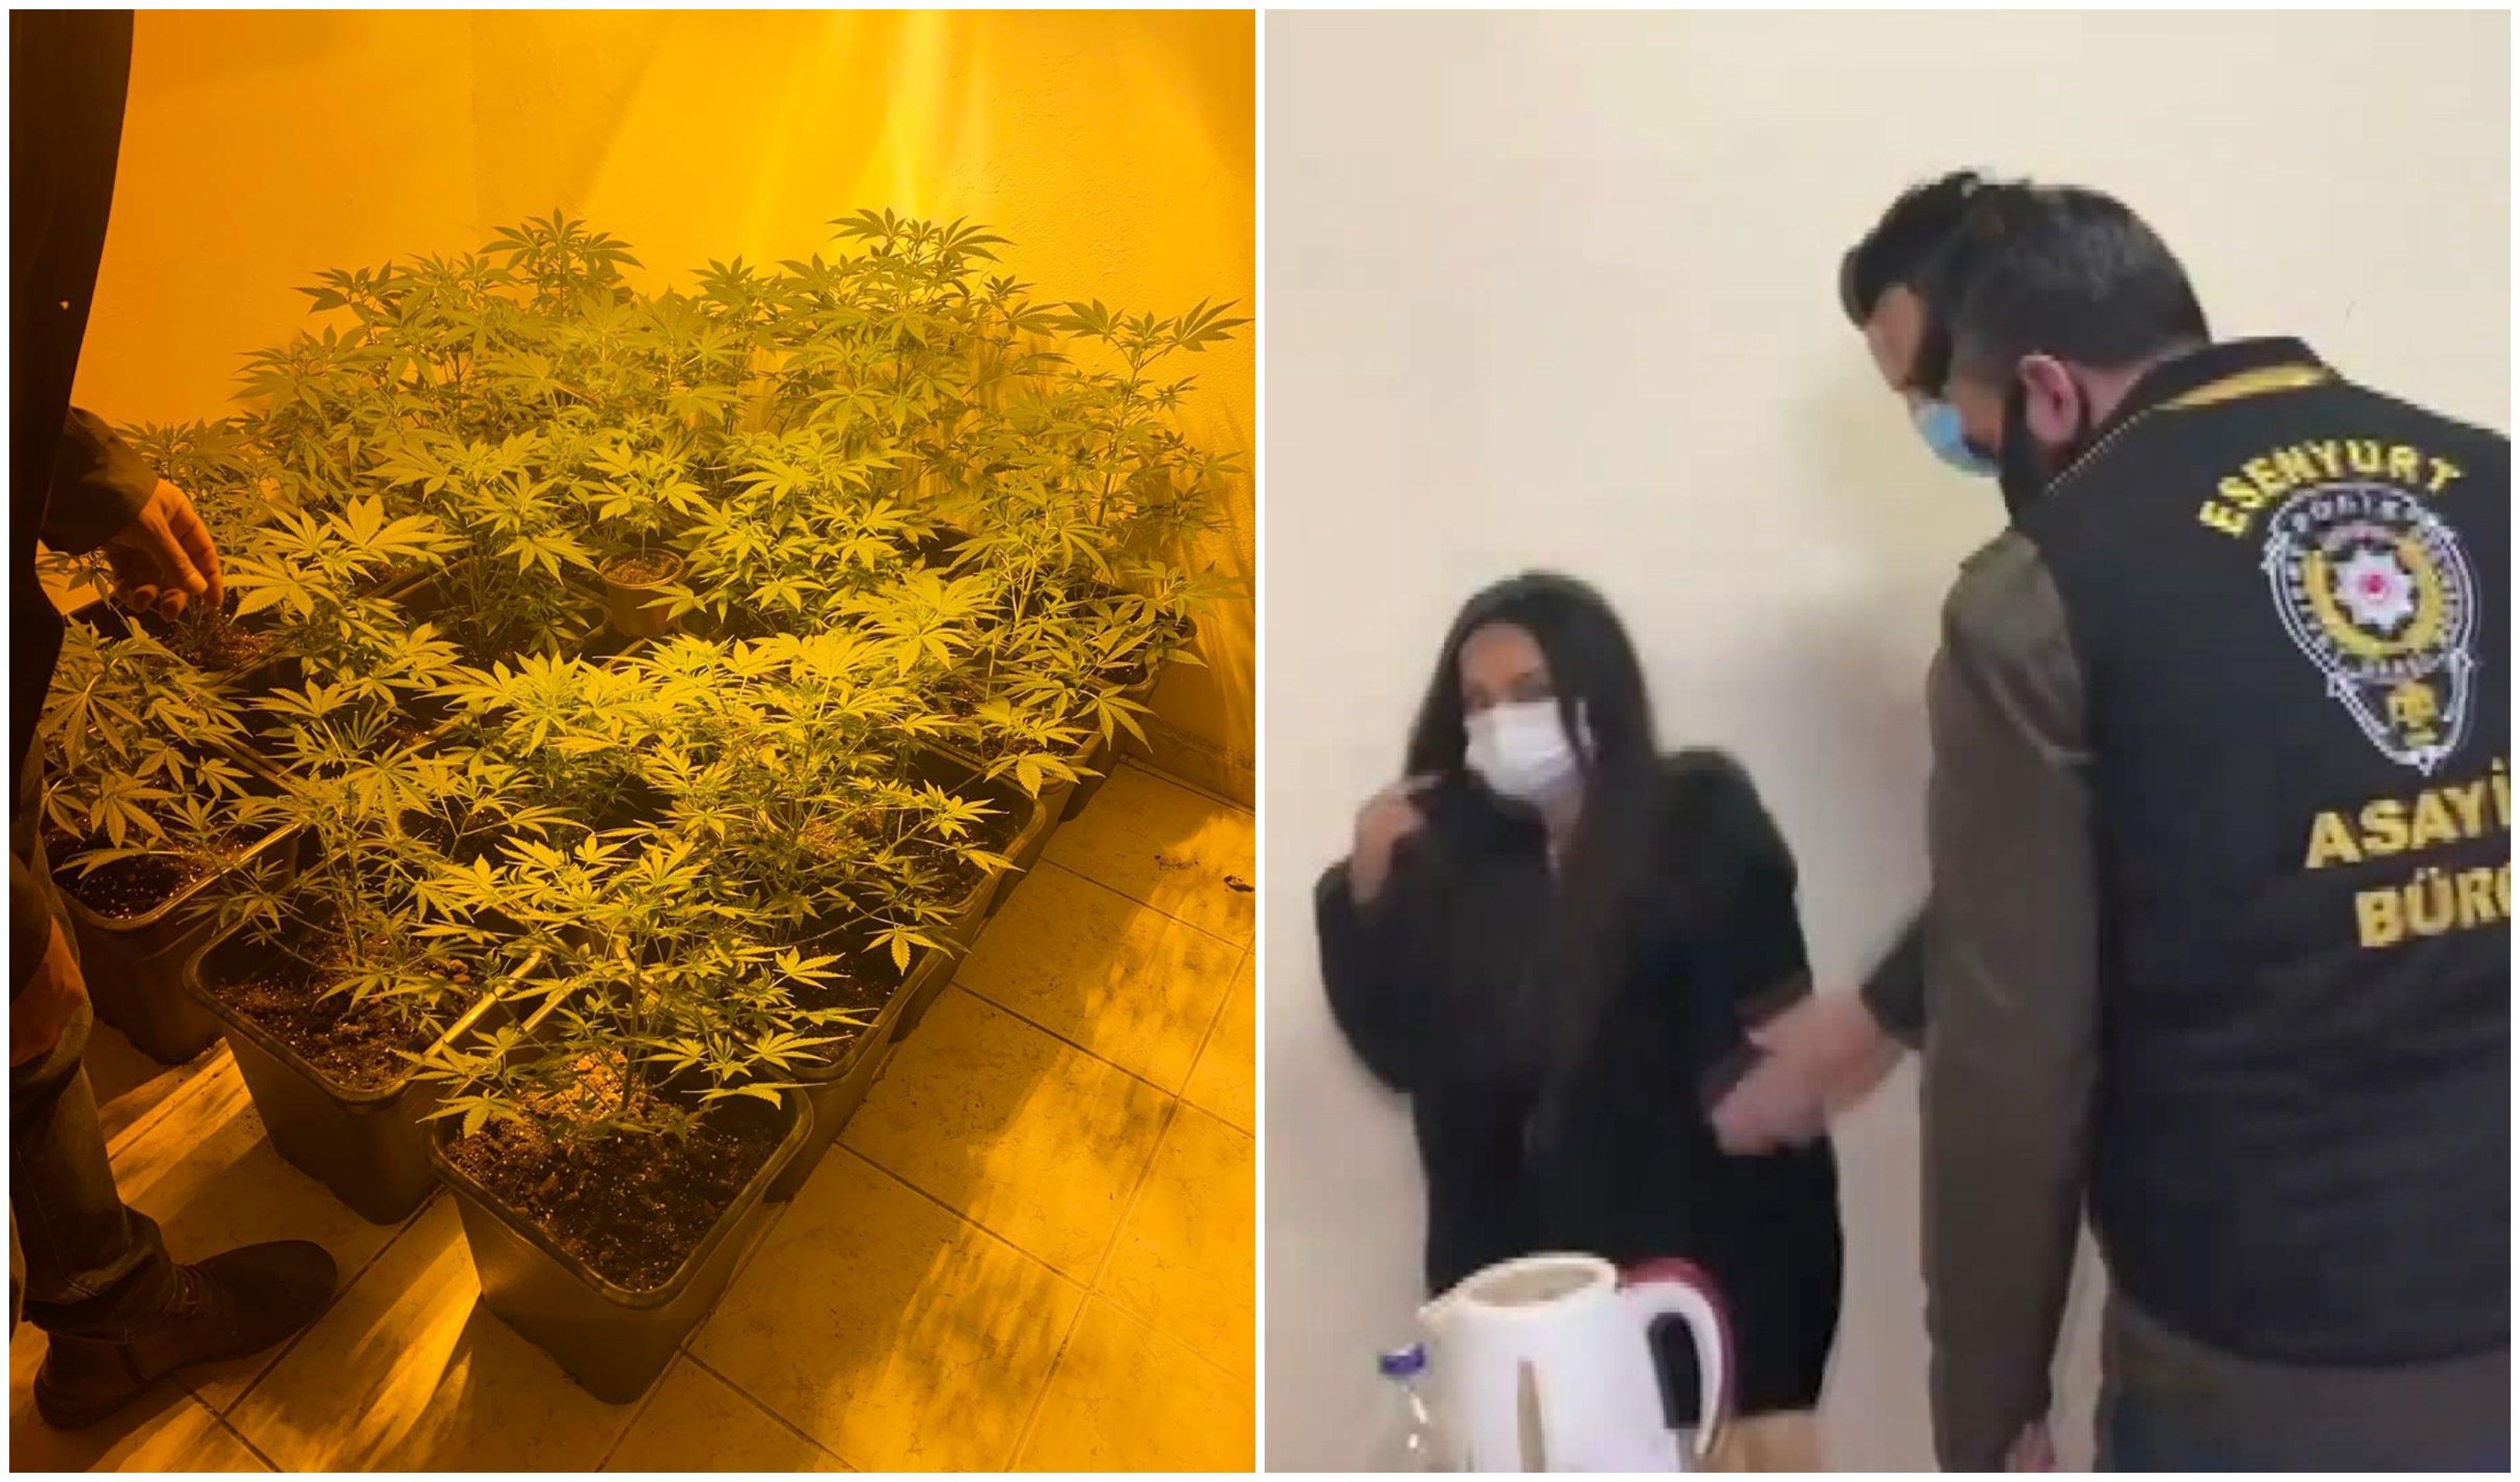 Emlak Ofisini Uyuşturucu Serasına Çeviren Kadın: 'Ne Zaman Almaya Kalksam Yakalanıyorum'